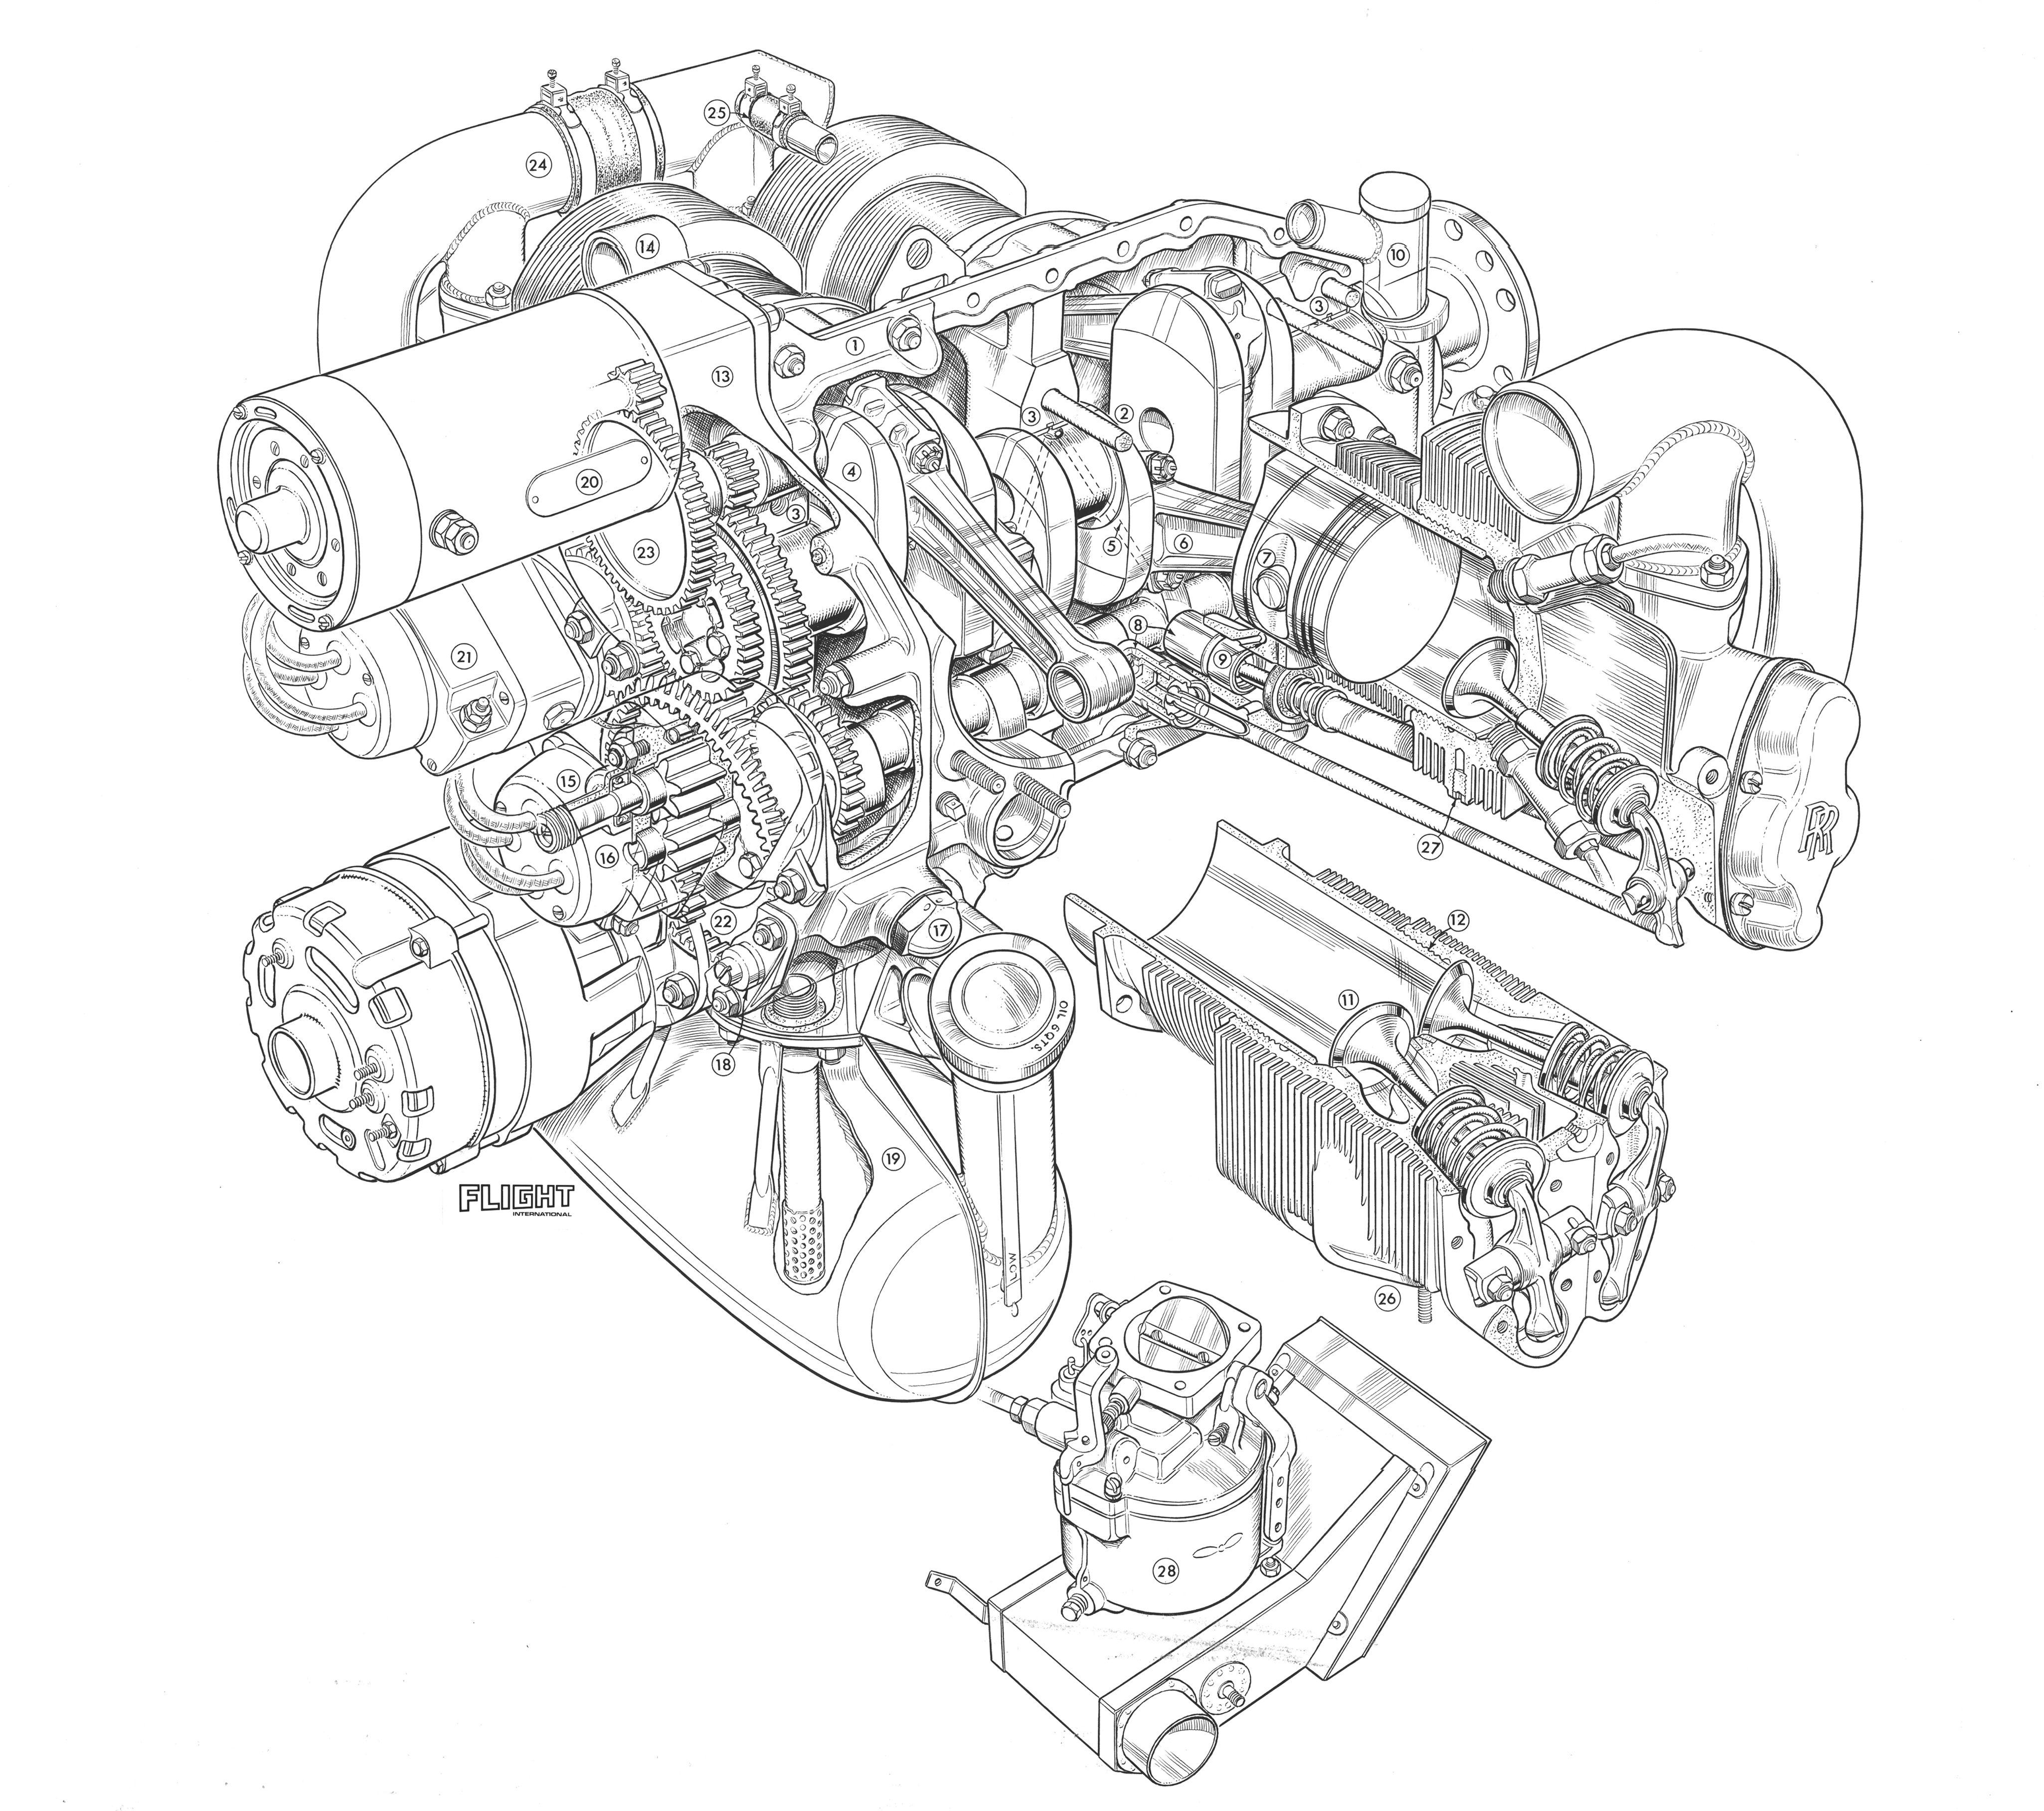 Rolls royce continental 0 240 a cutaway drawing